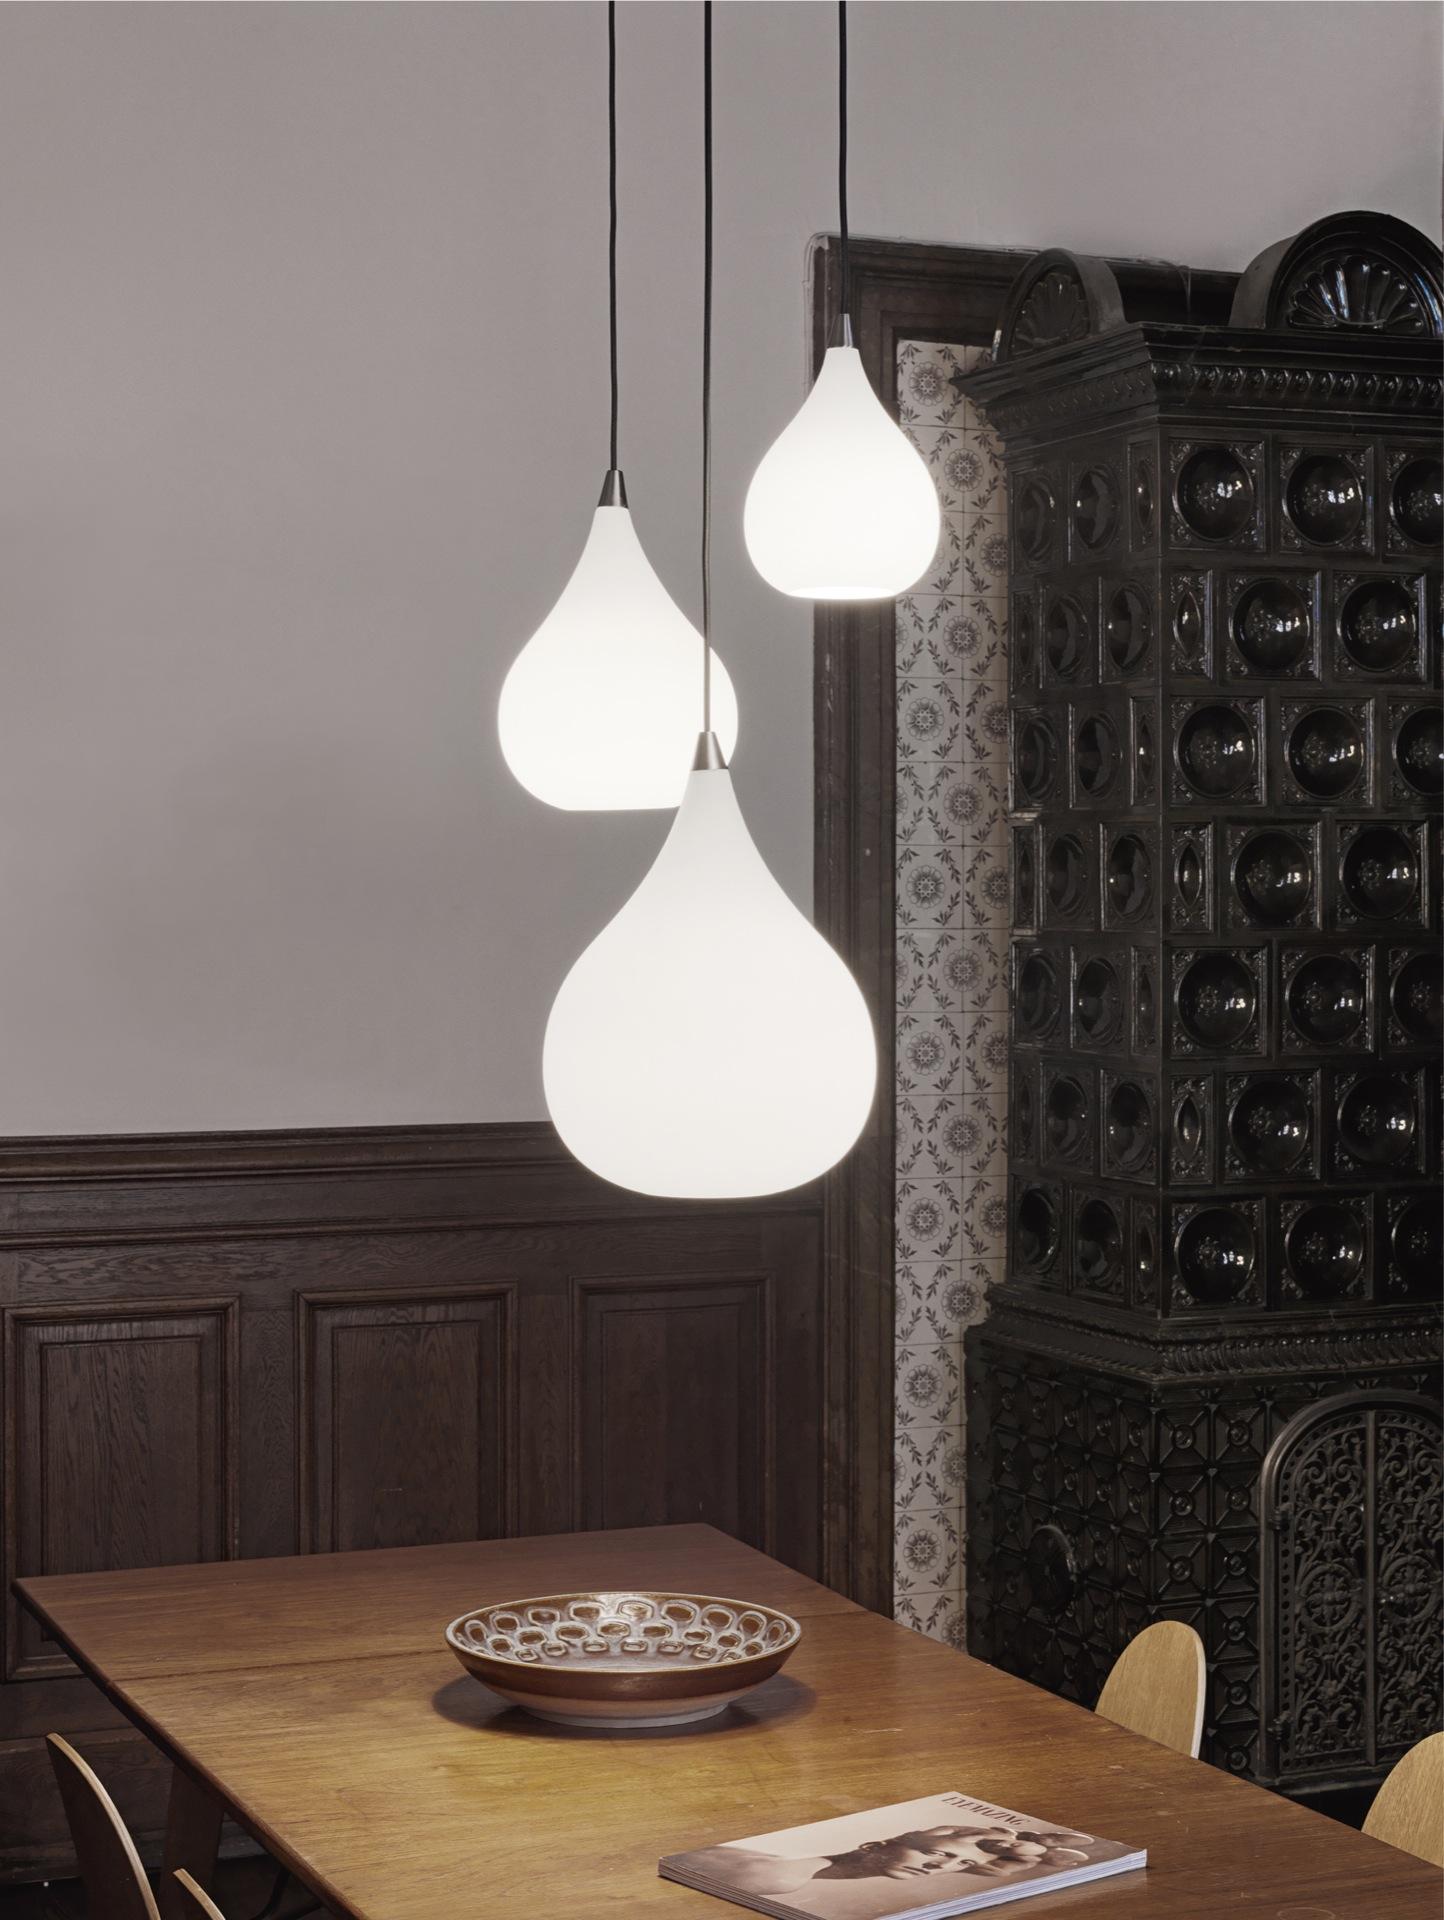 WATT A LAMP DROPS イメージ写真